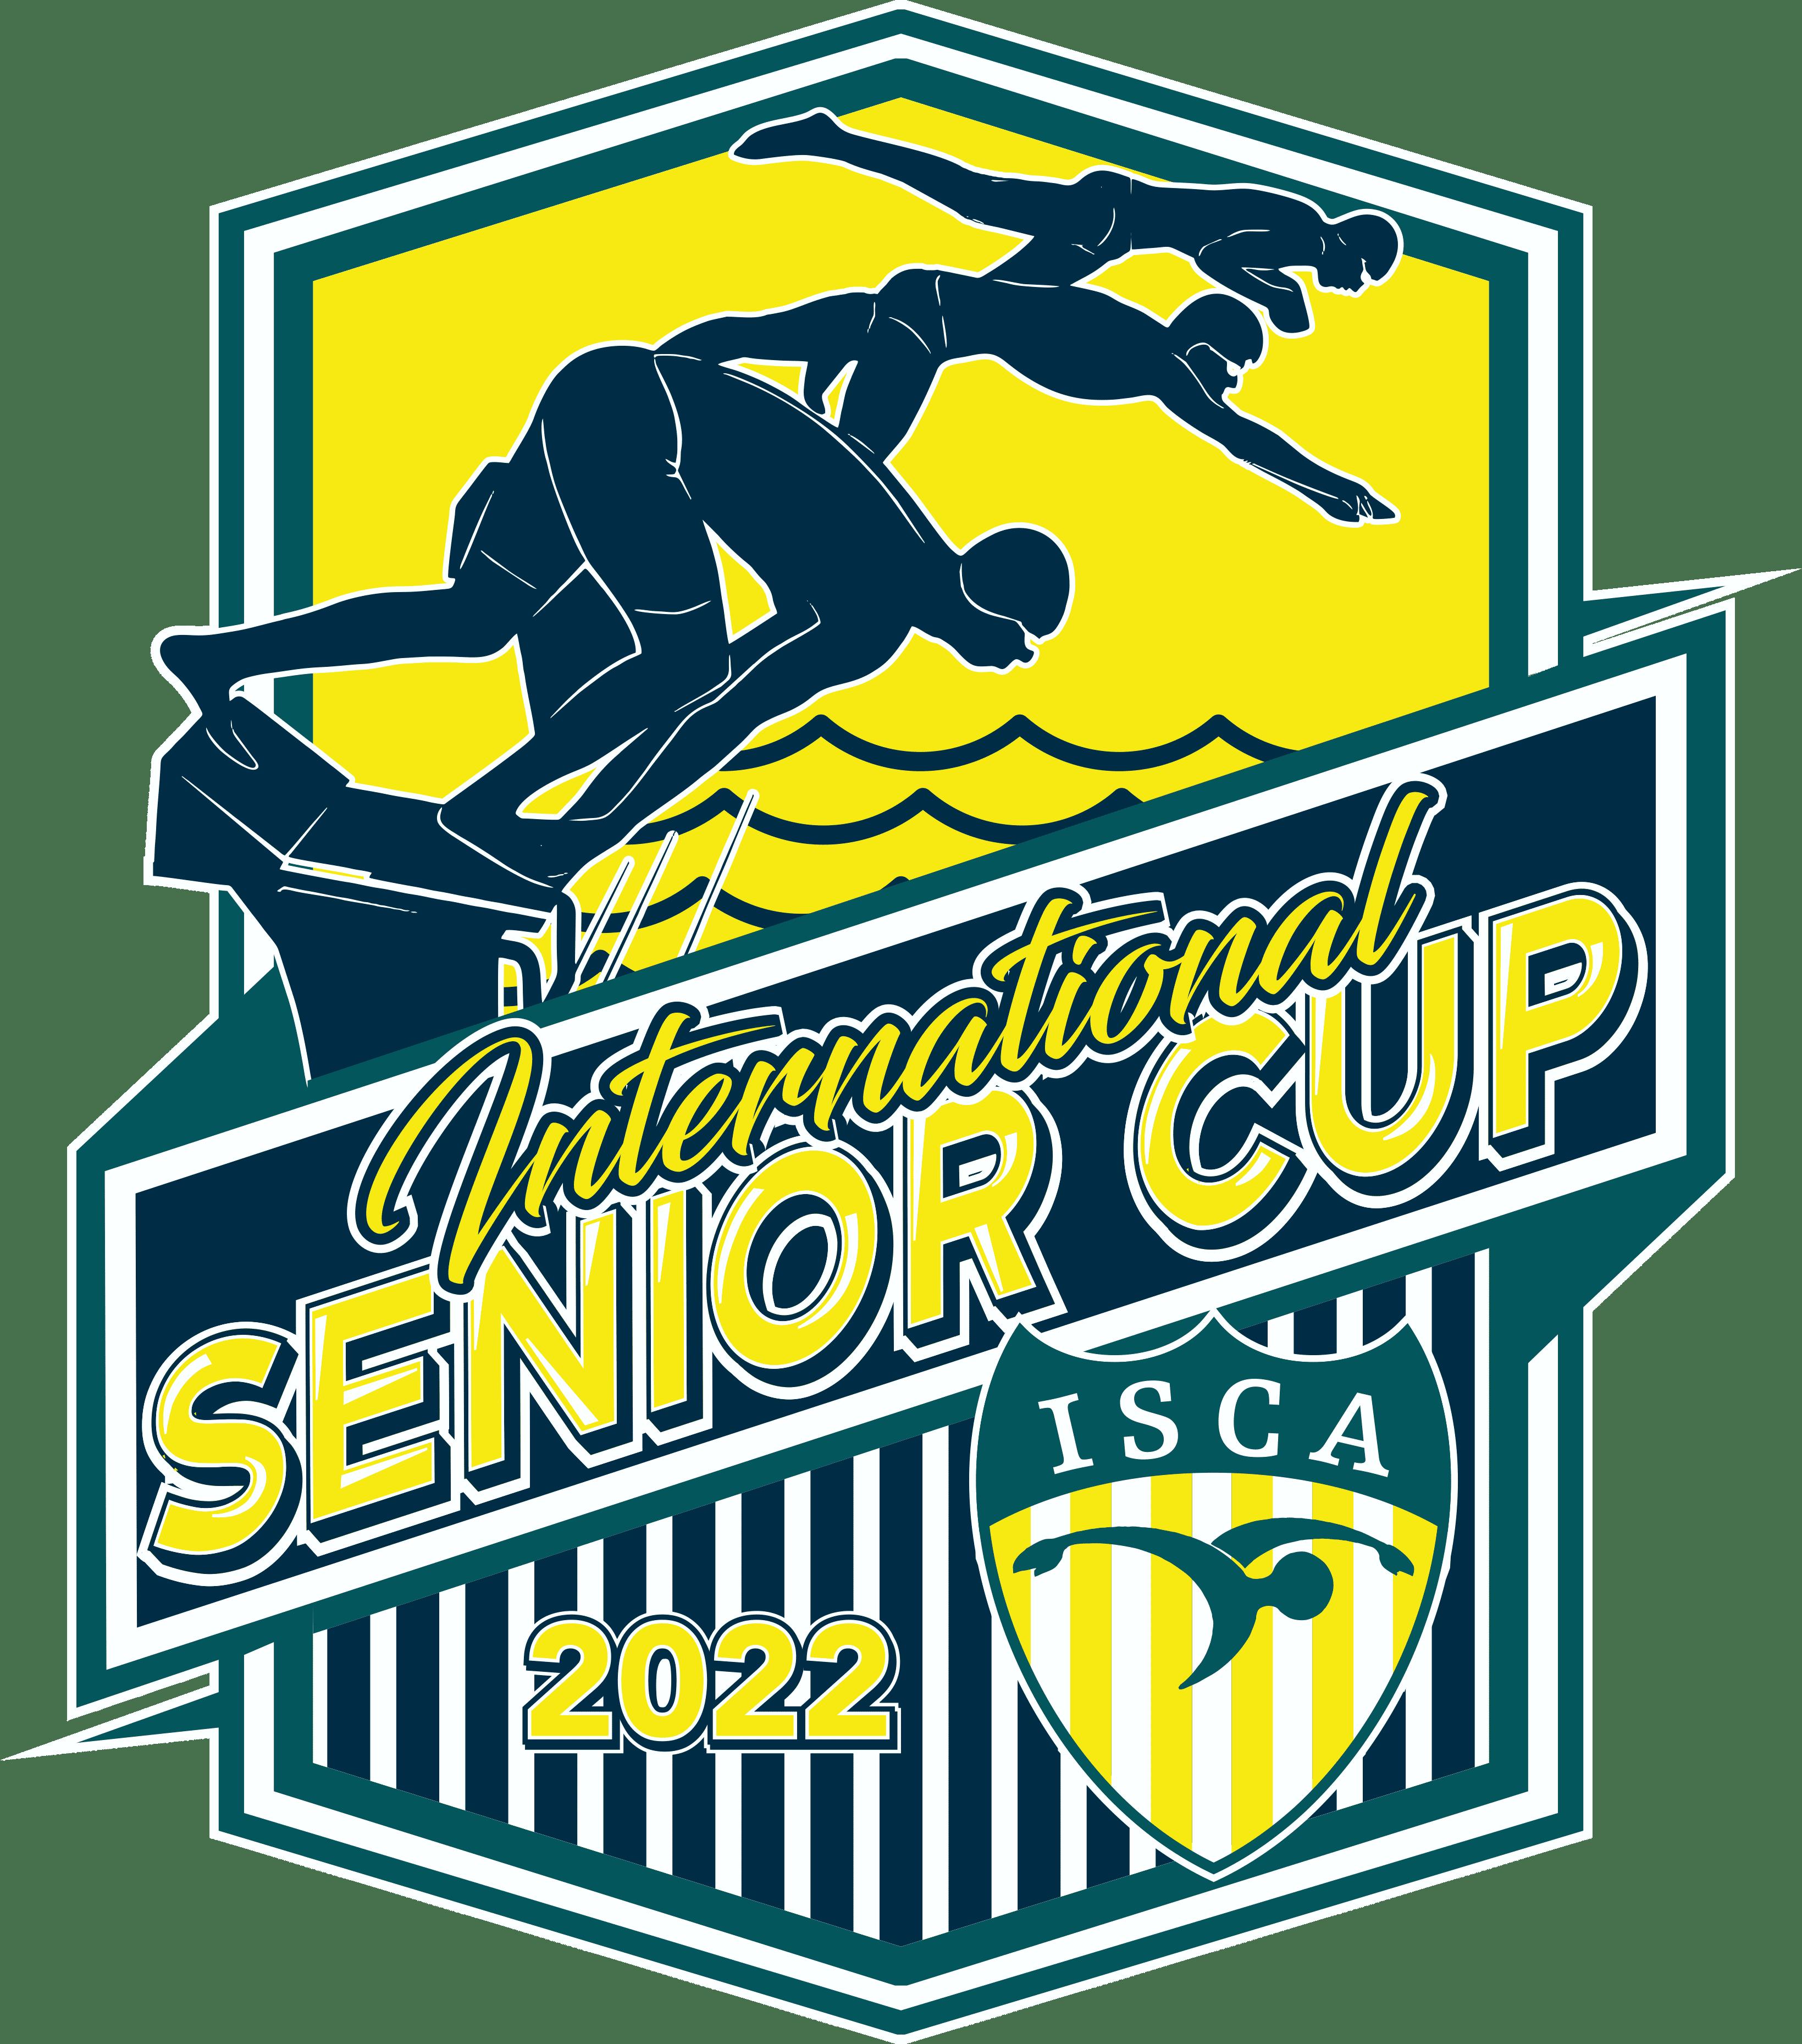 ISCA Senior Cup 2022 short course logo